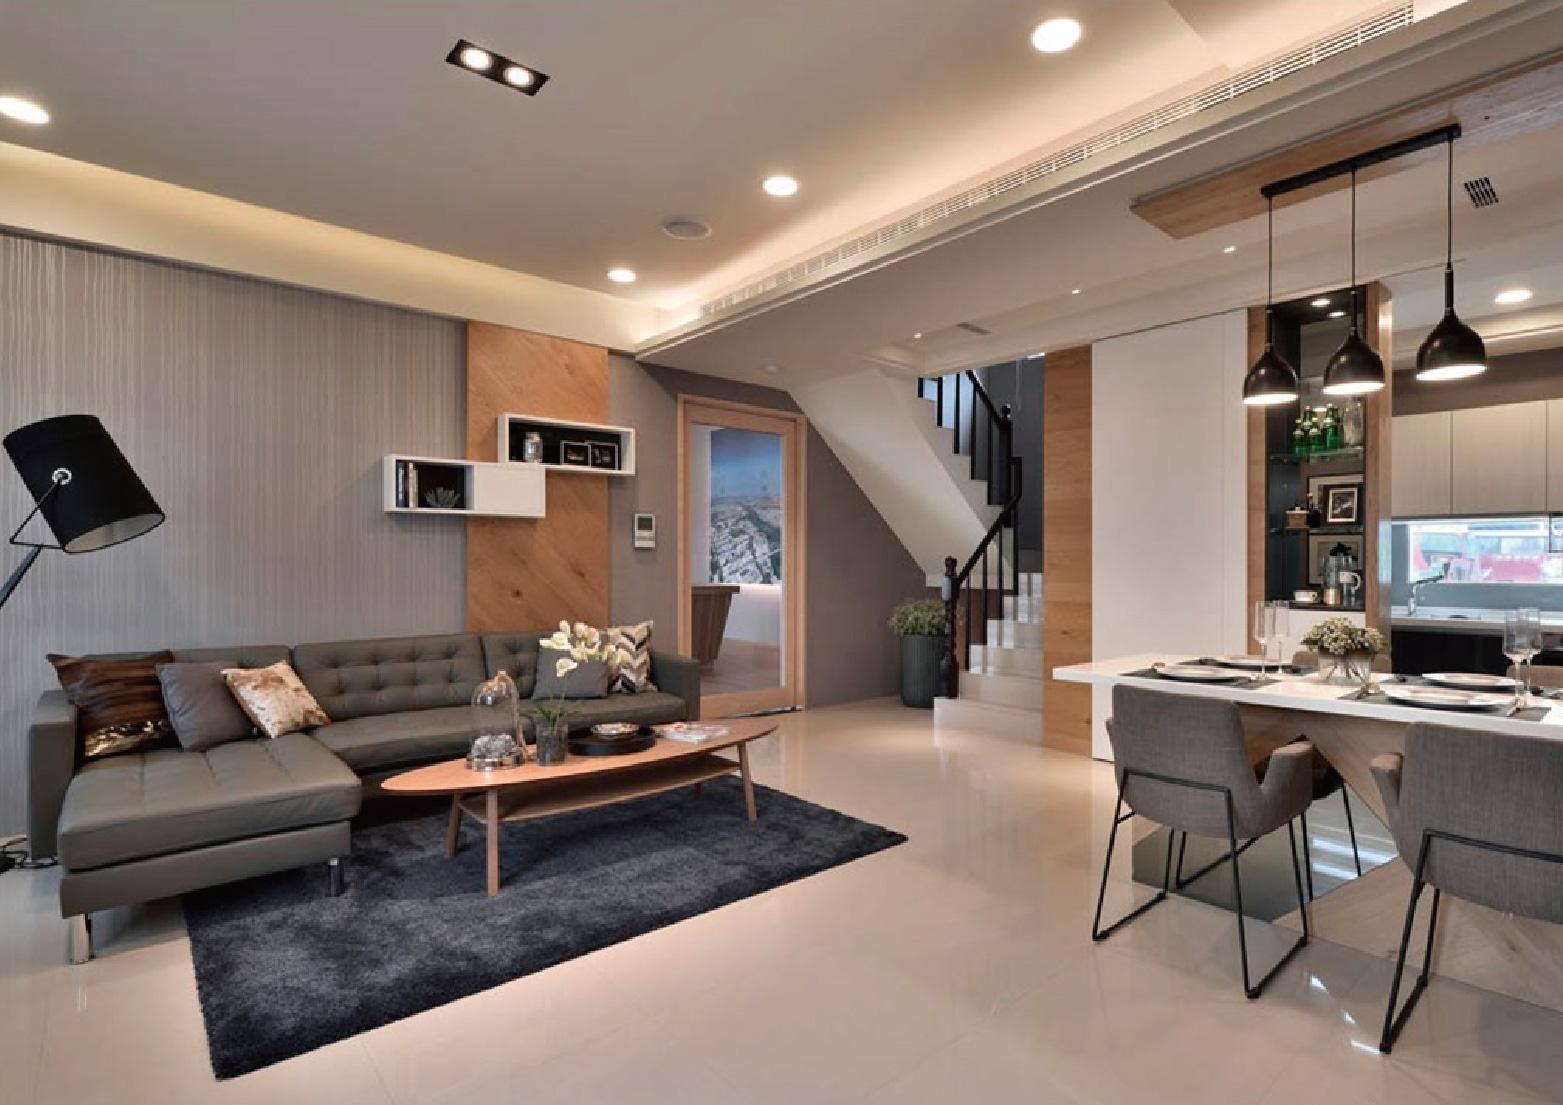 圖片:台中太平透天新建案 | 坤悅開發 迎新墅。8000坪公園預定地為鄰 享受低密度住宅區的靜與隱